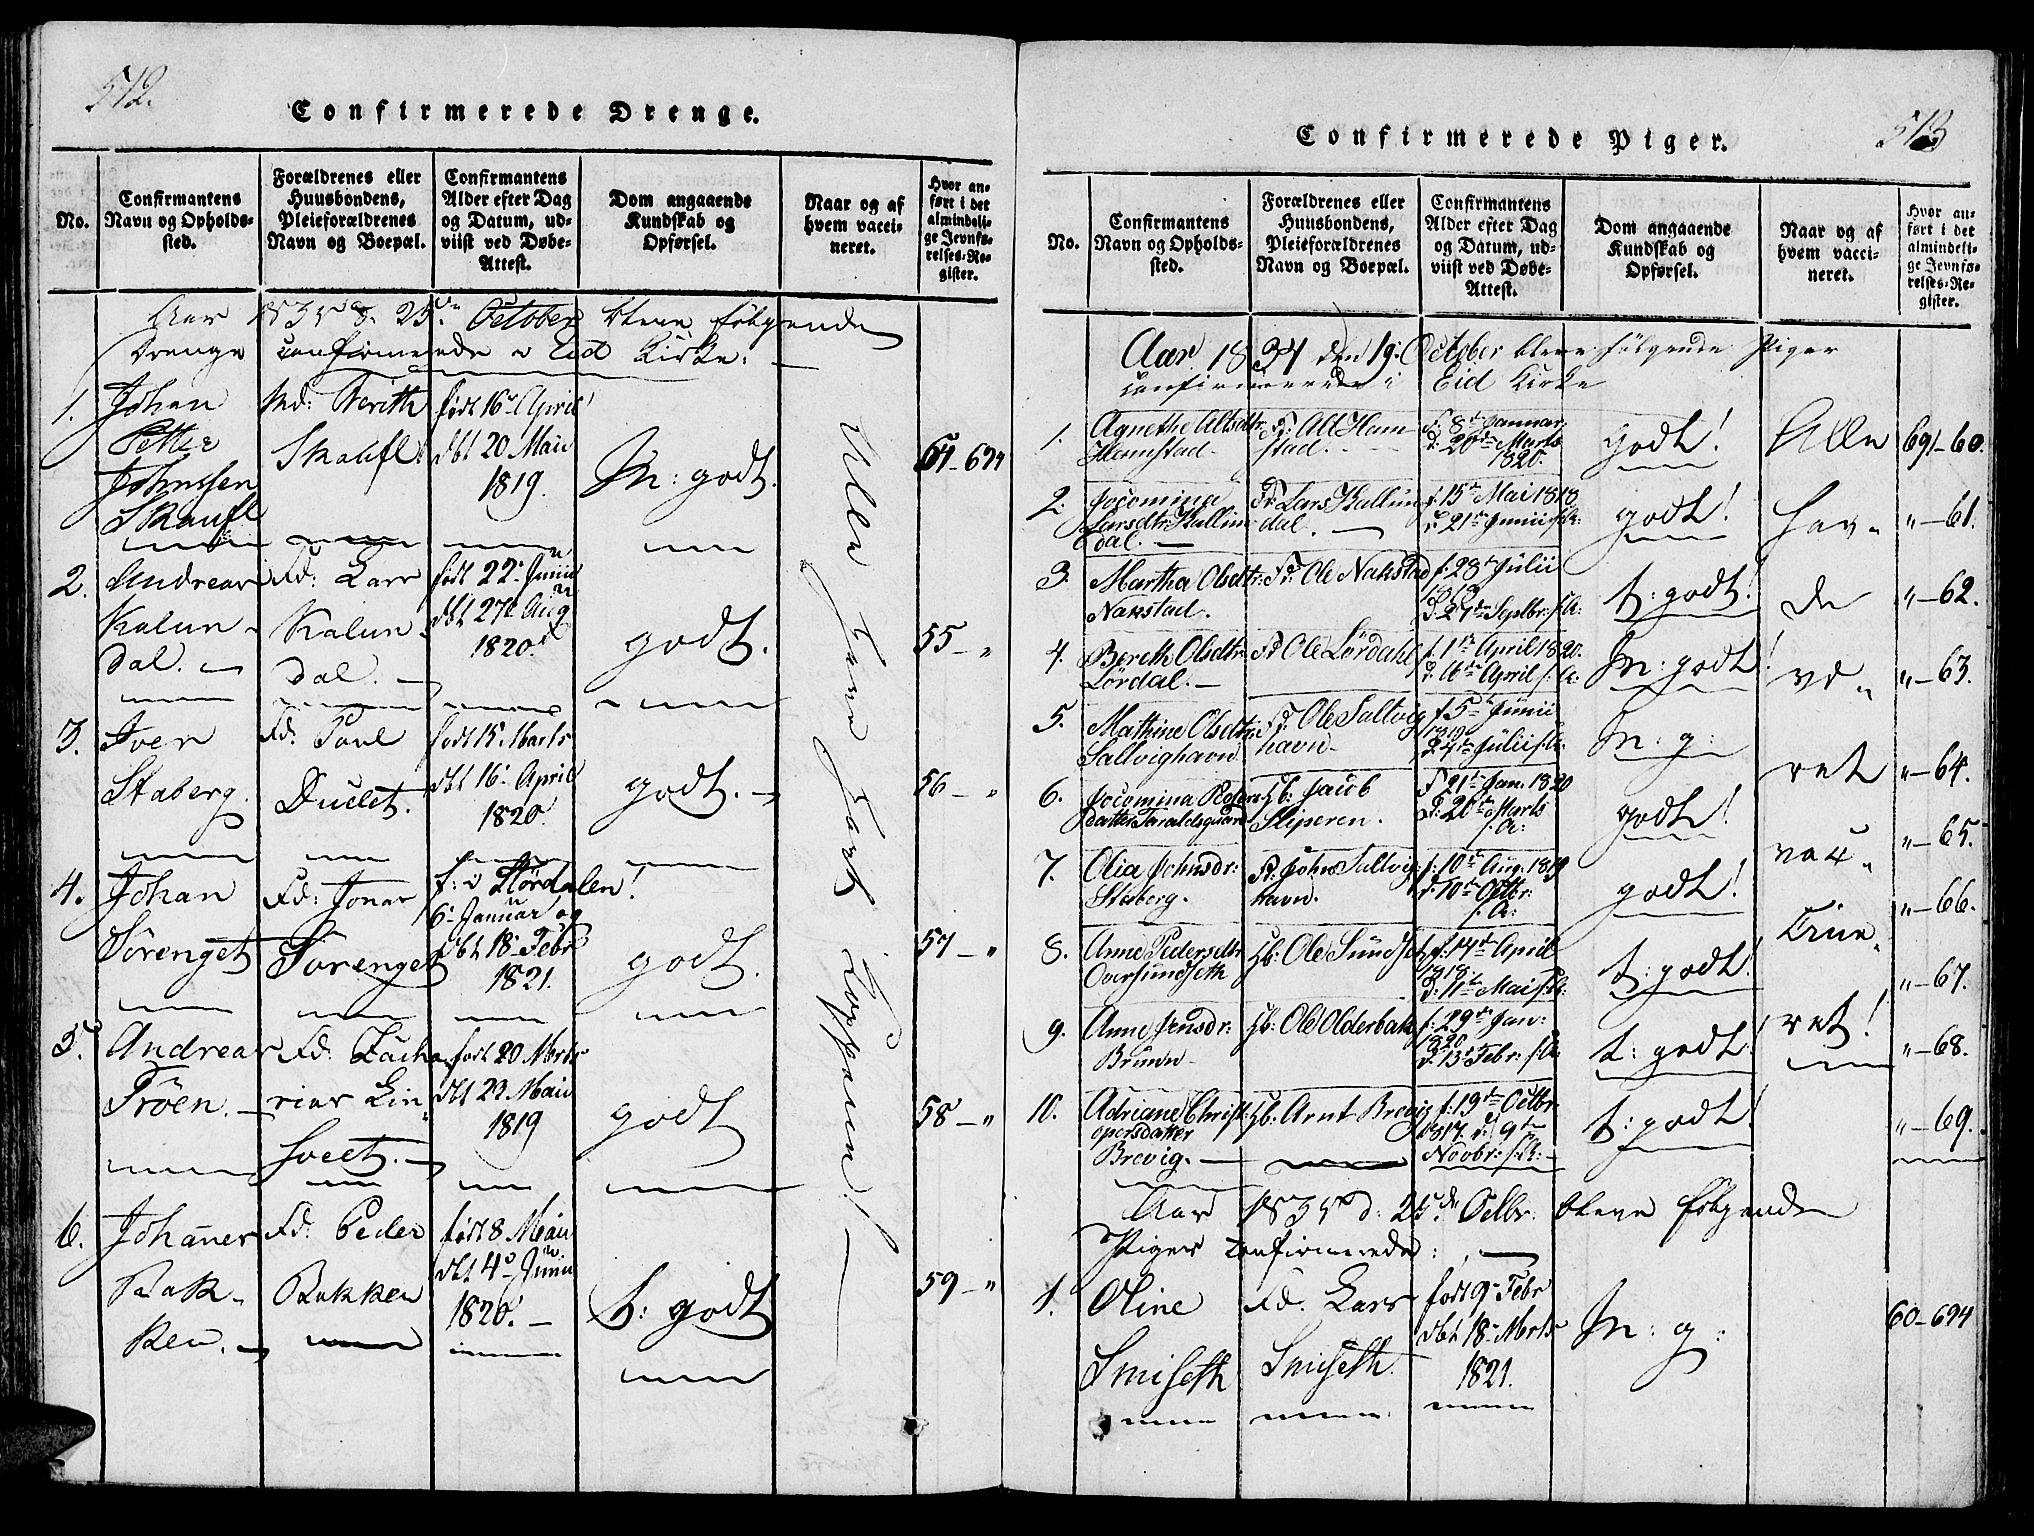 SAT, Ministerialprotokoller, klokkerbøker og fødselsregistre - Nord-Trøndelag, 733/L0322: Ministerialbok nr. 733A01, 1817-1842, s. 512-513